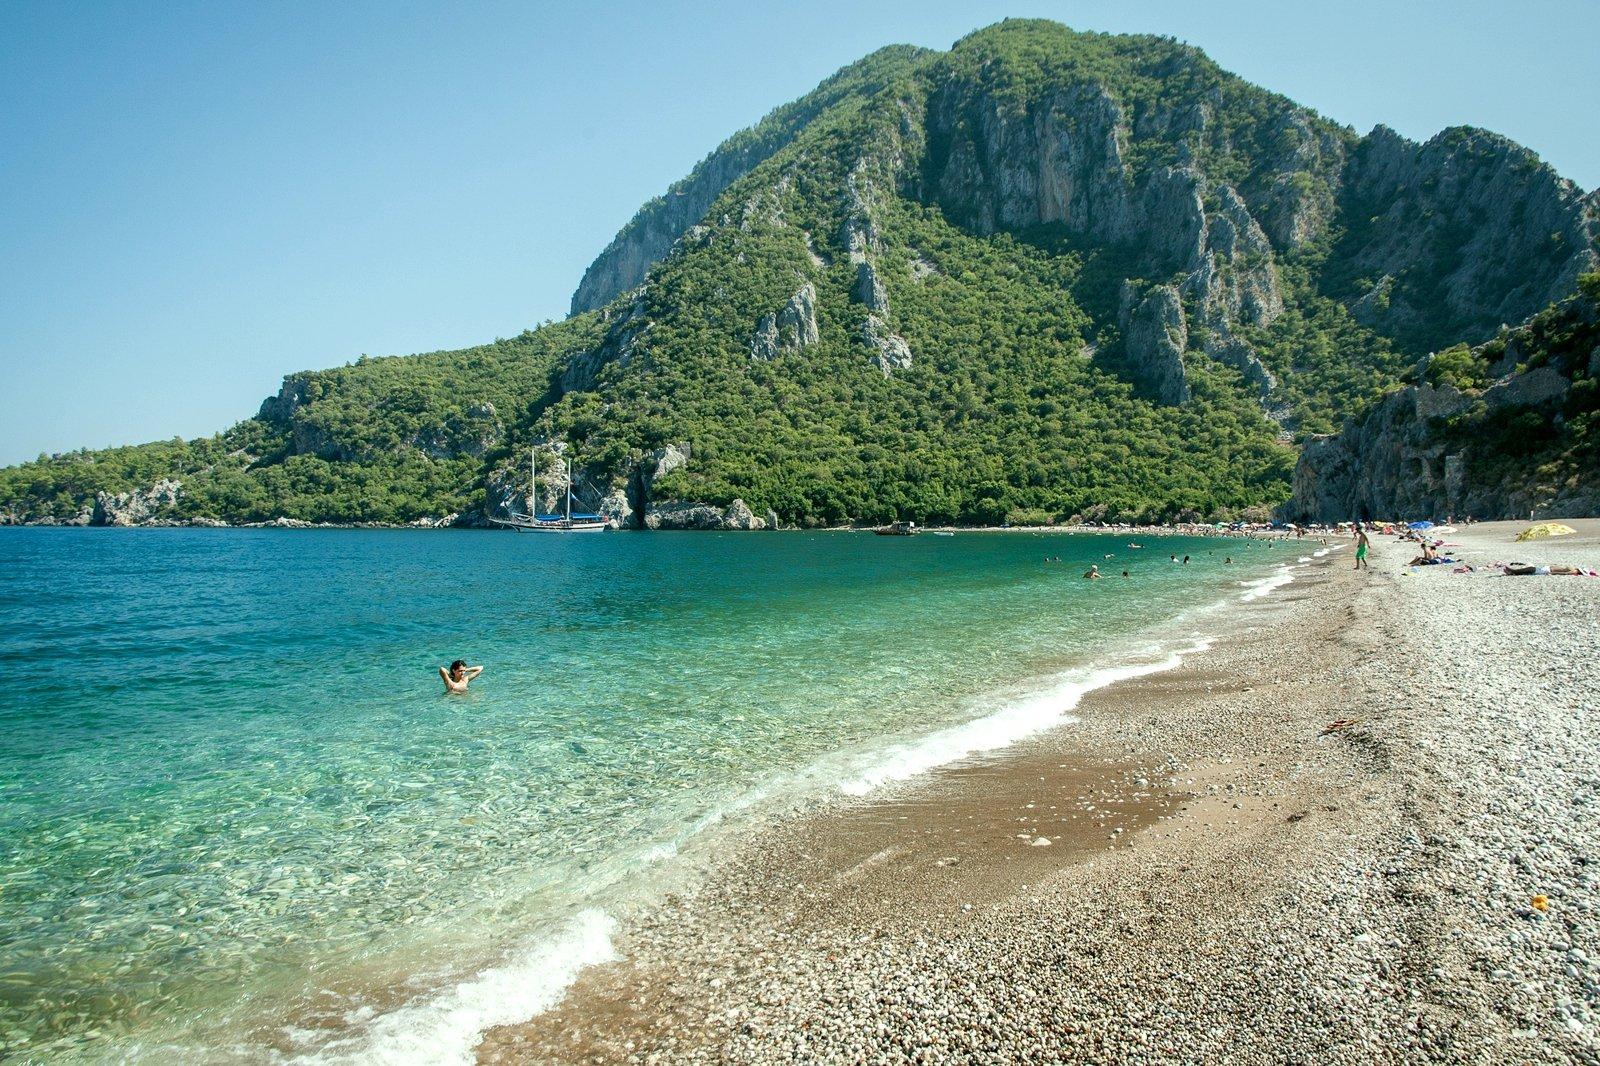 Лучшие песчаные пляжи Турции - описание, фото 29